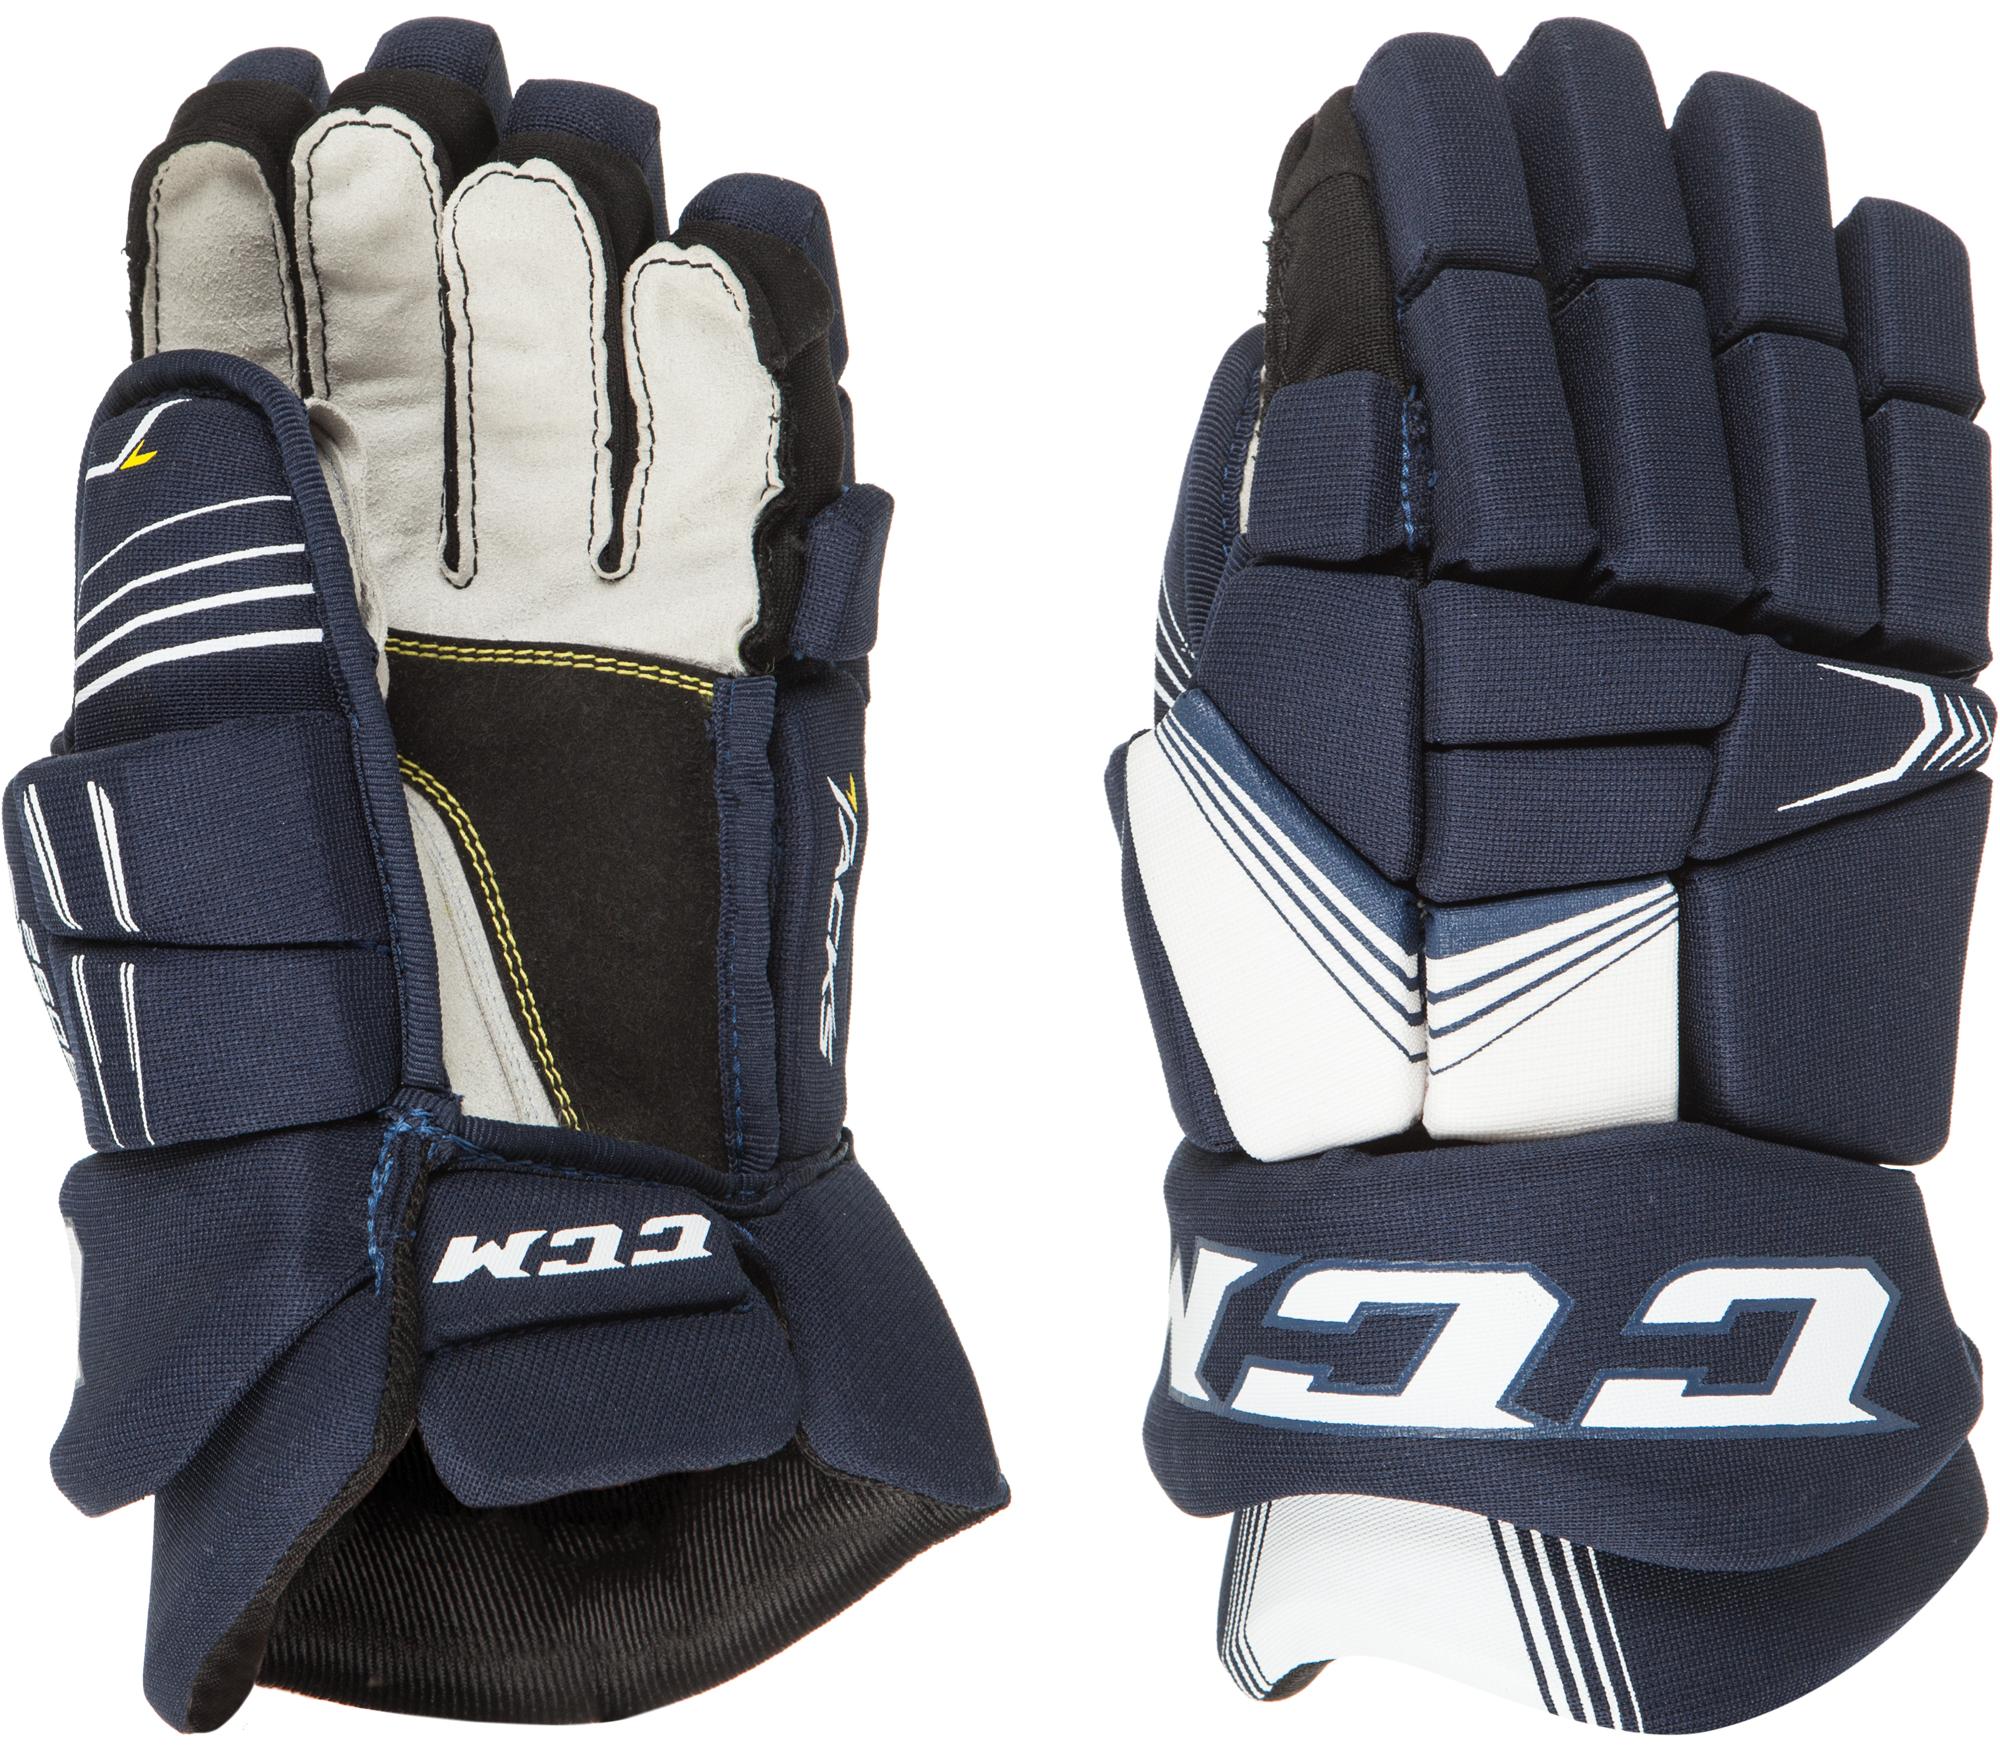 CCM Перчатки хоккейные детские CCM TACKS 3092, размер 12 ccm шлем хоккейный ccm tacks 310